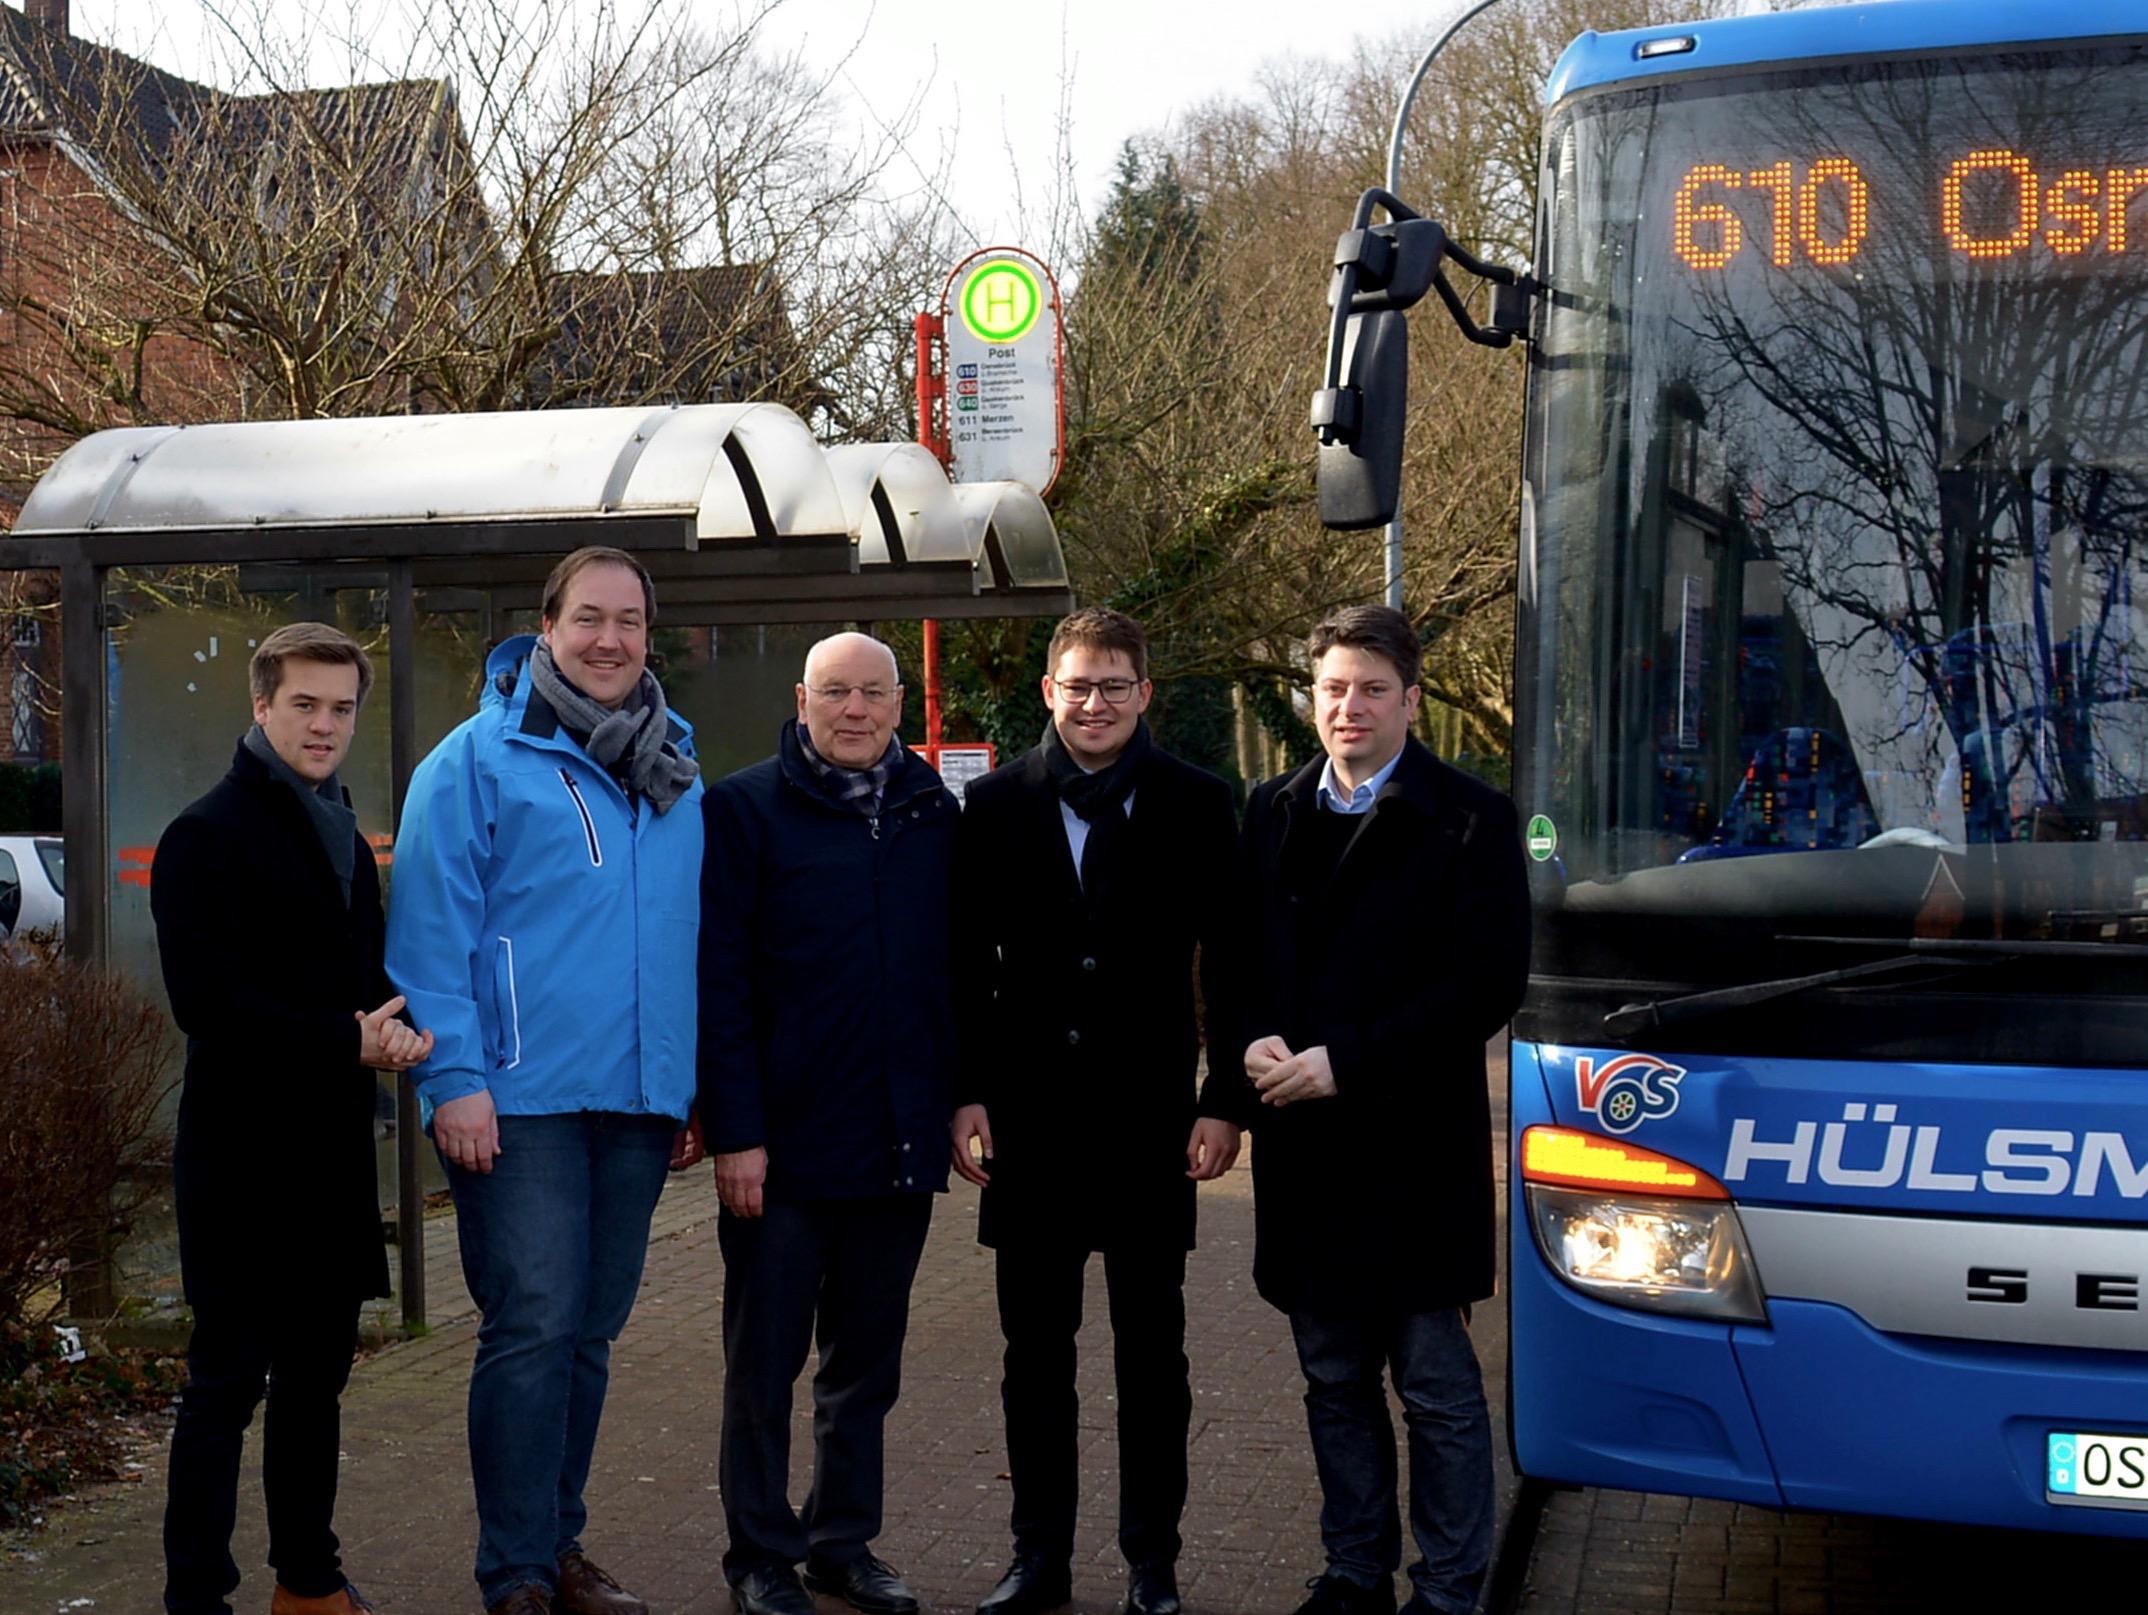 Freuen sich über die neue Buslinie ab und nach Fürstenau: Fraktionsvorsitzender Johannes Selker, Kreistagsabgeordneter Jörg Brüwer, Bürgermeister Herbert Gans, Kreistagsabgeordneter Frederik Gohmann und MdL Christian Calderone (von links).